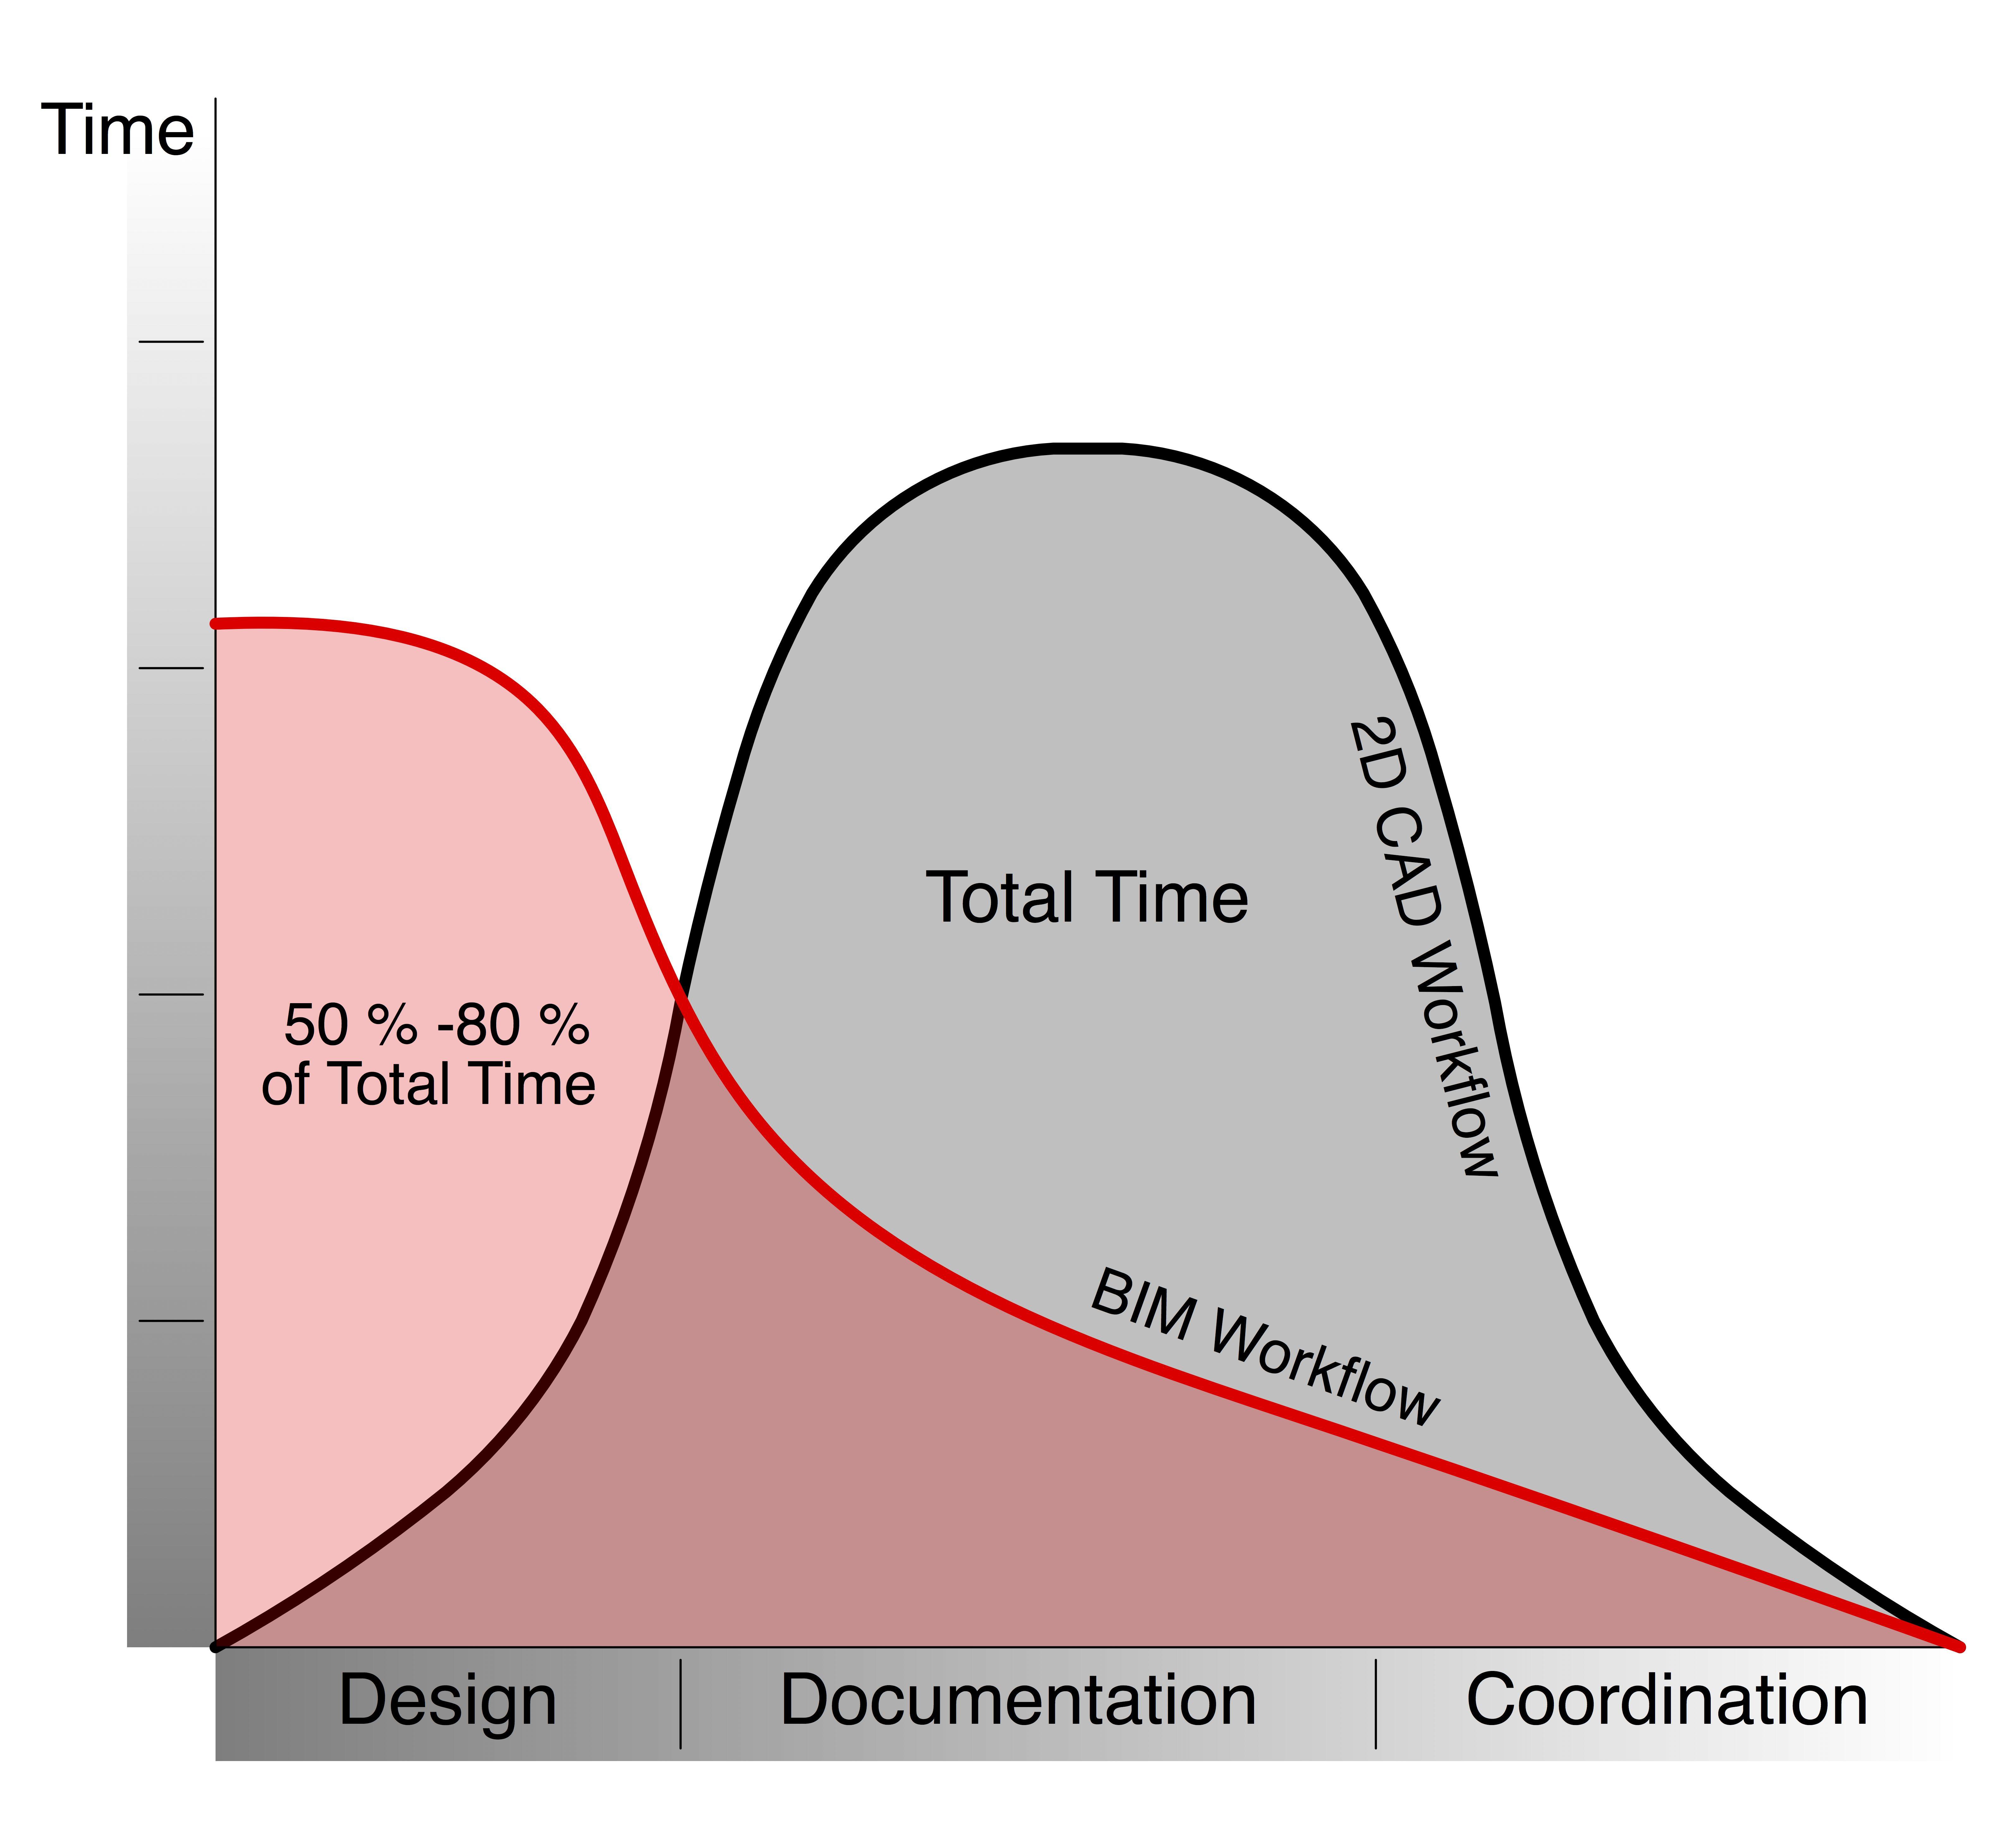 CAD vs BIM, a classic diagram | Graphs, Charts, and Diagrams